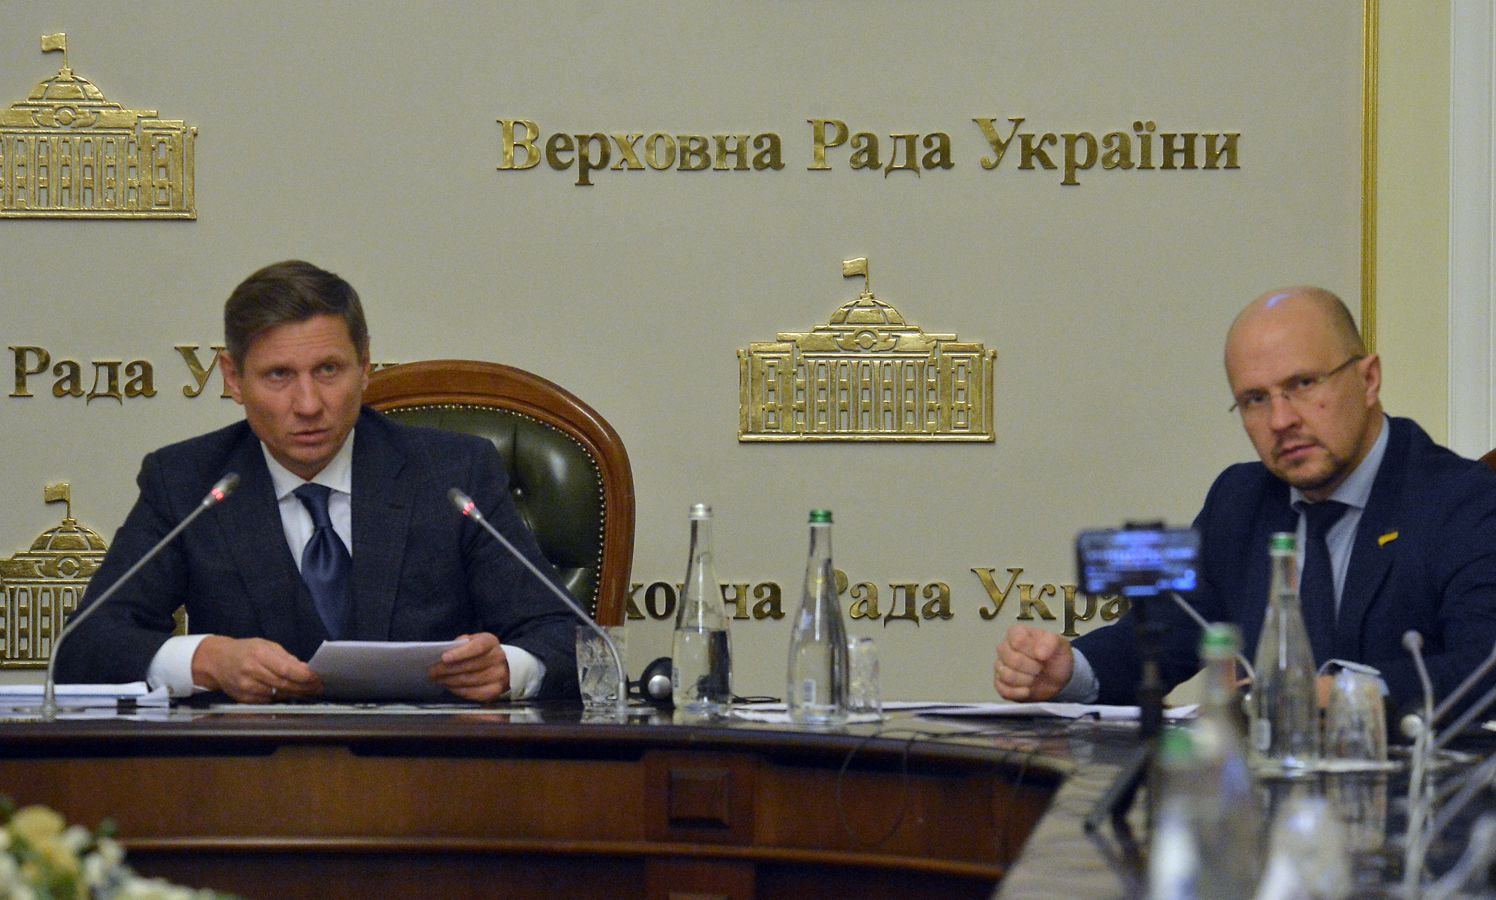 У Верховній Раді України відбулося засідання...